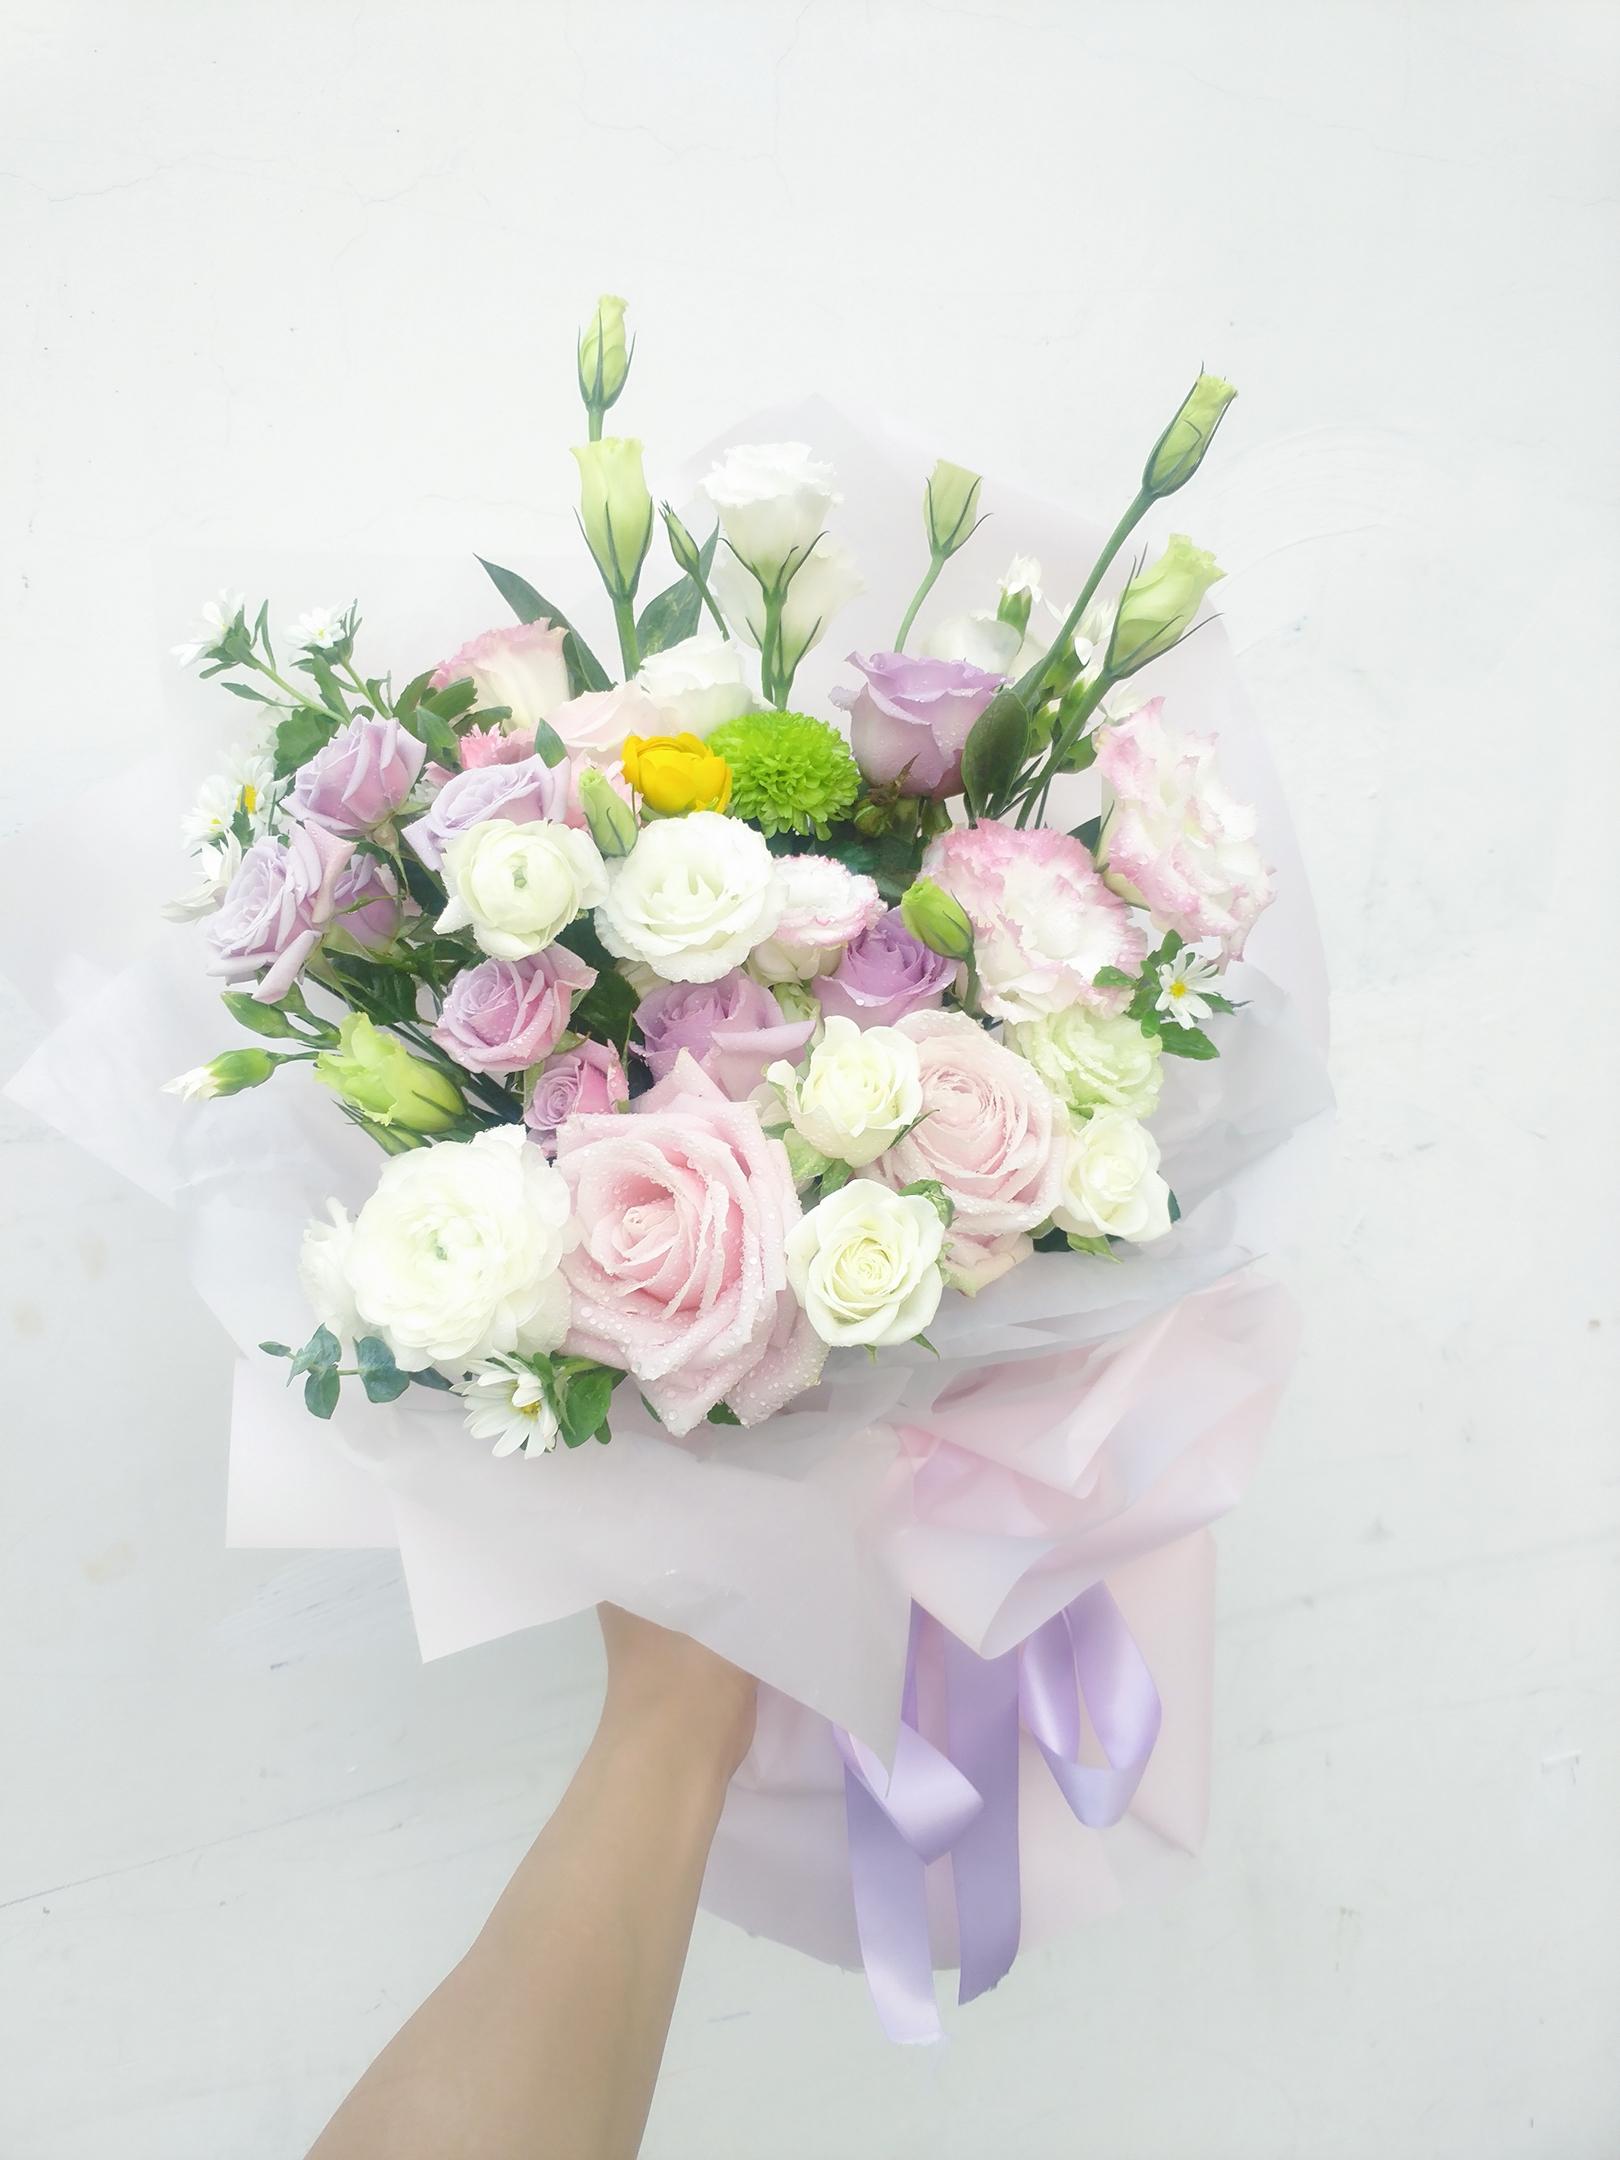 广州洋牡丹粉紫玫瑰蔷薇女友闺蜜生日小清新花束少女心粉色紫花束